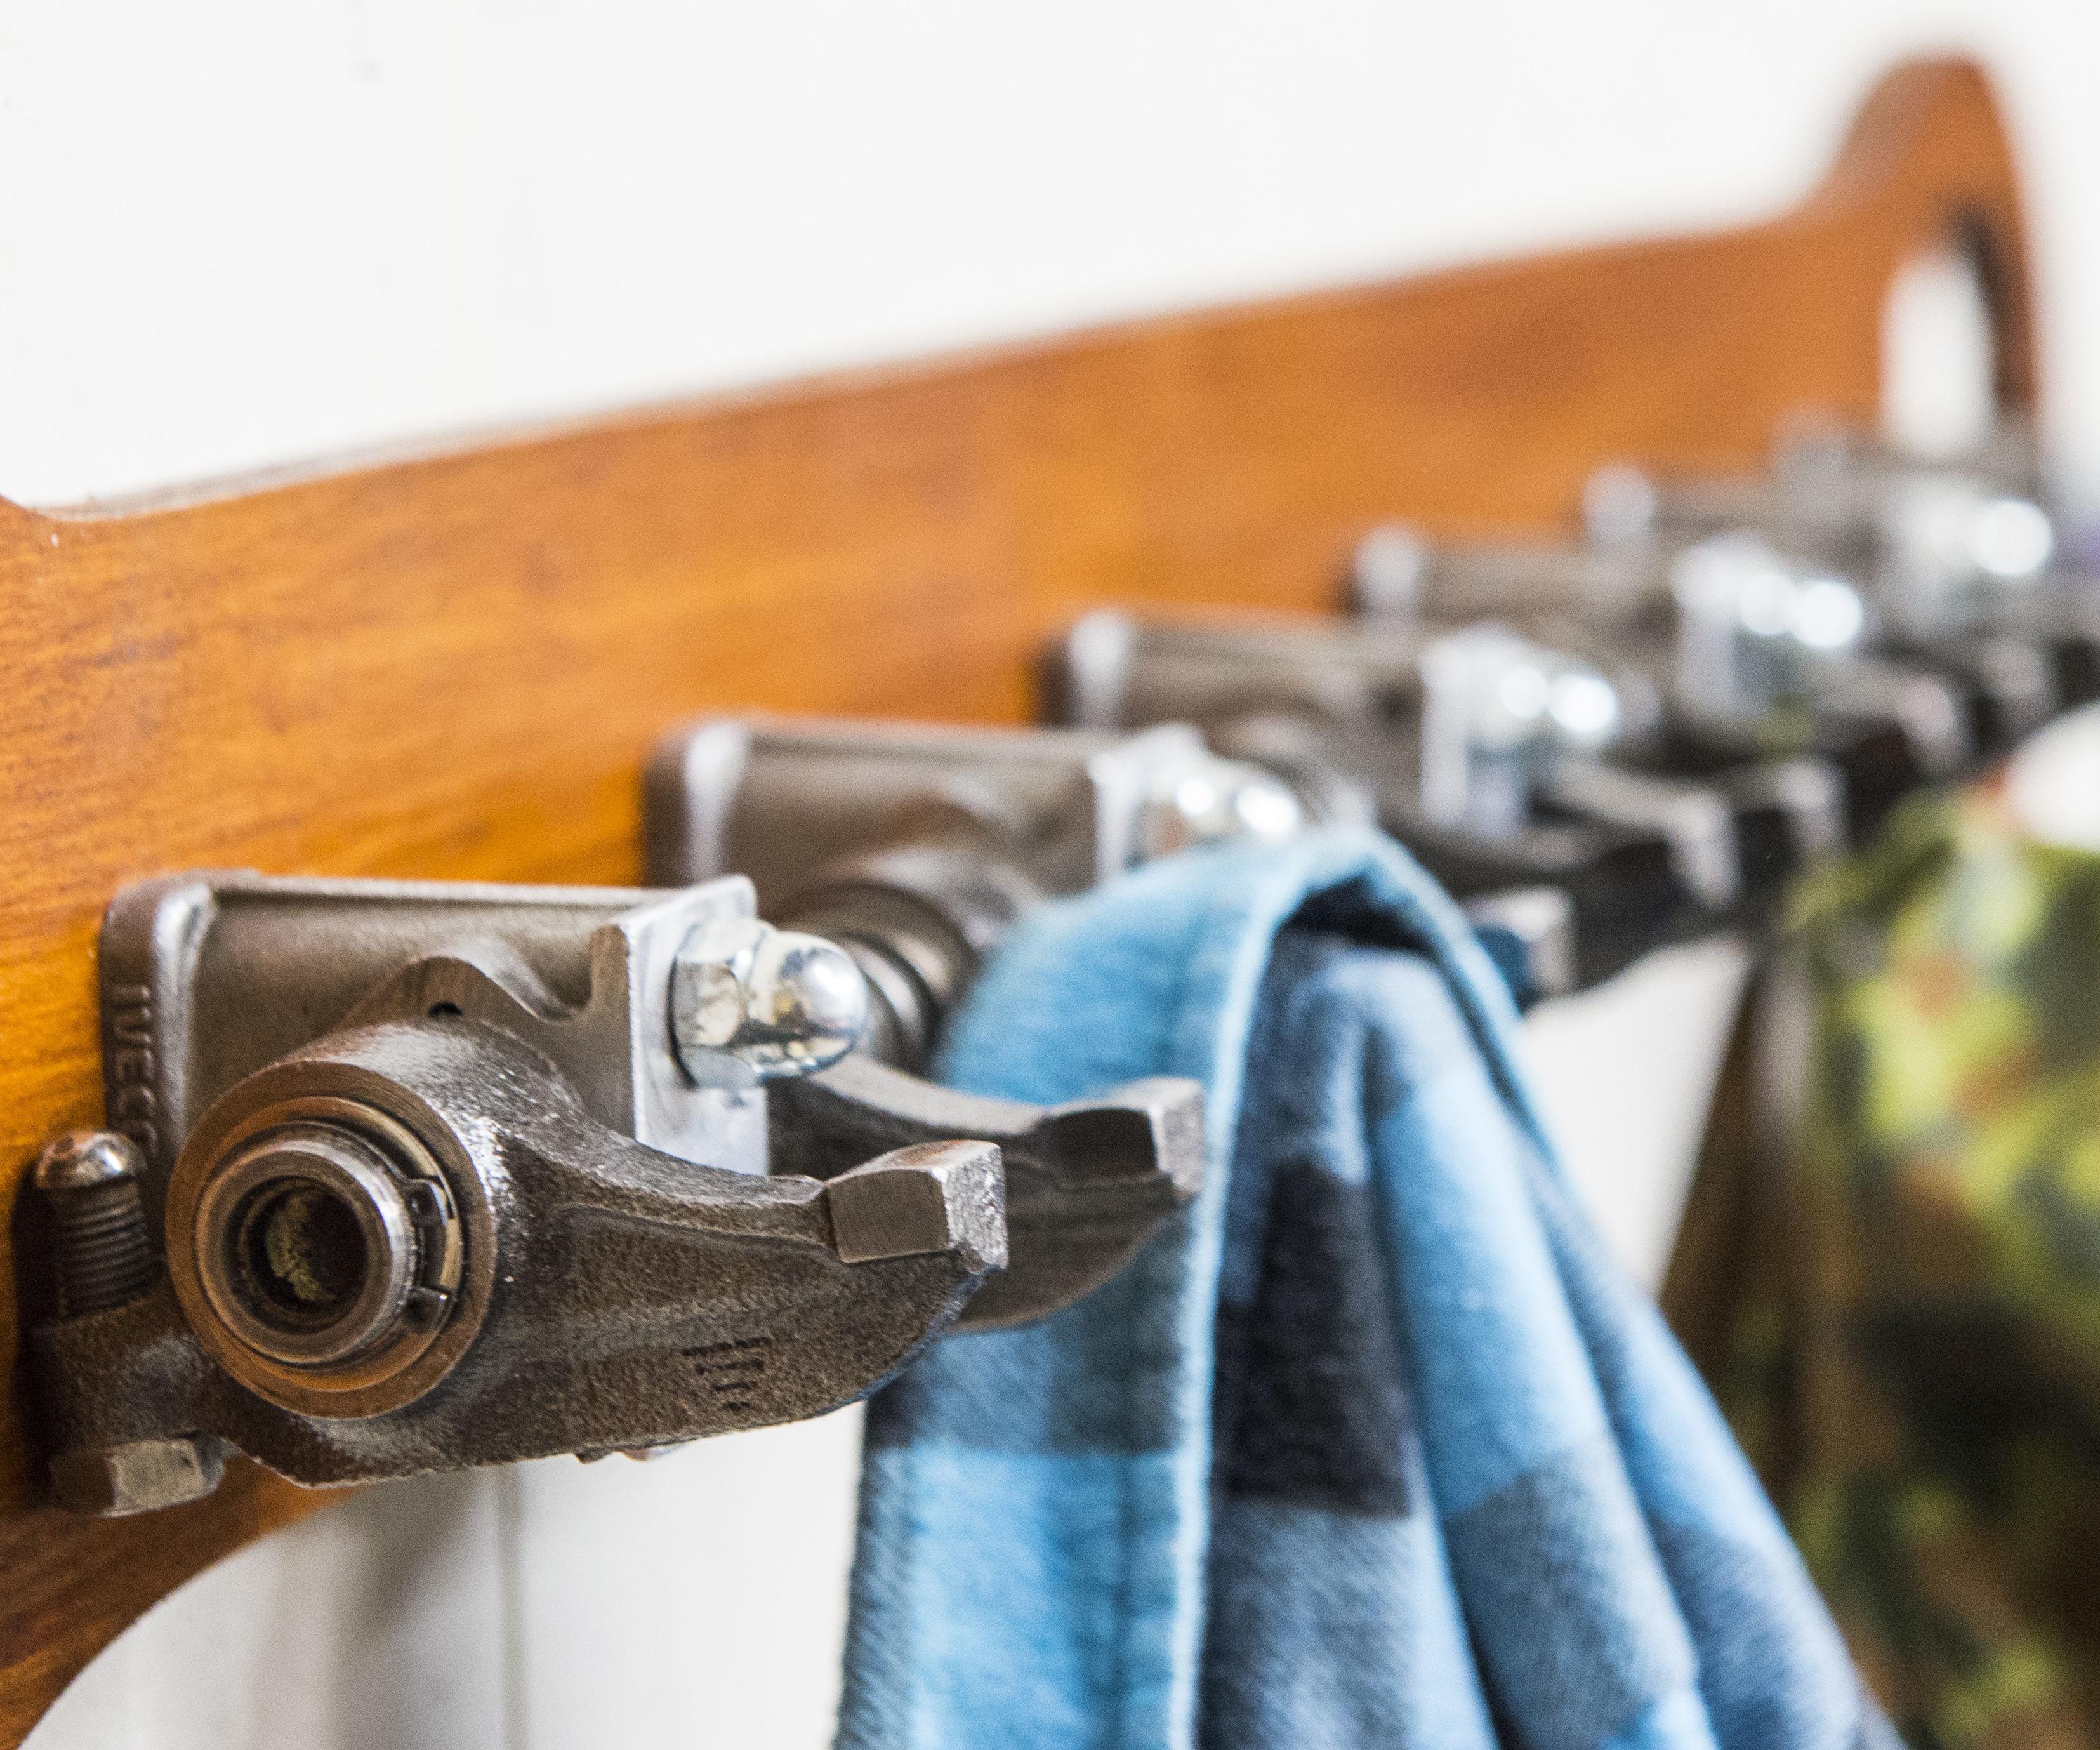 Rocker Arms Clothes Hanger